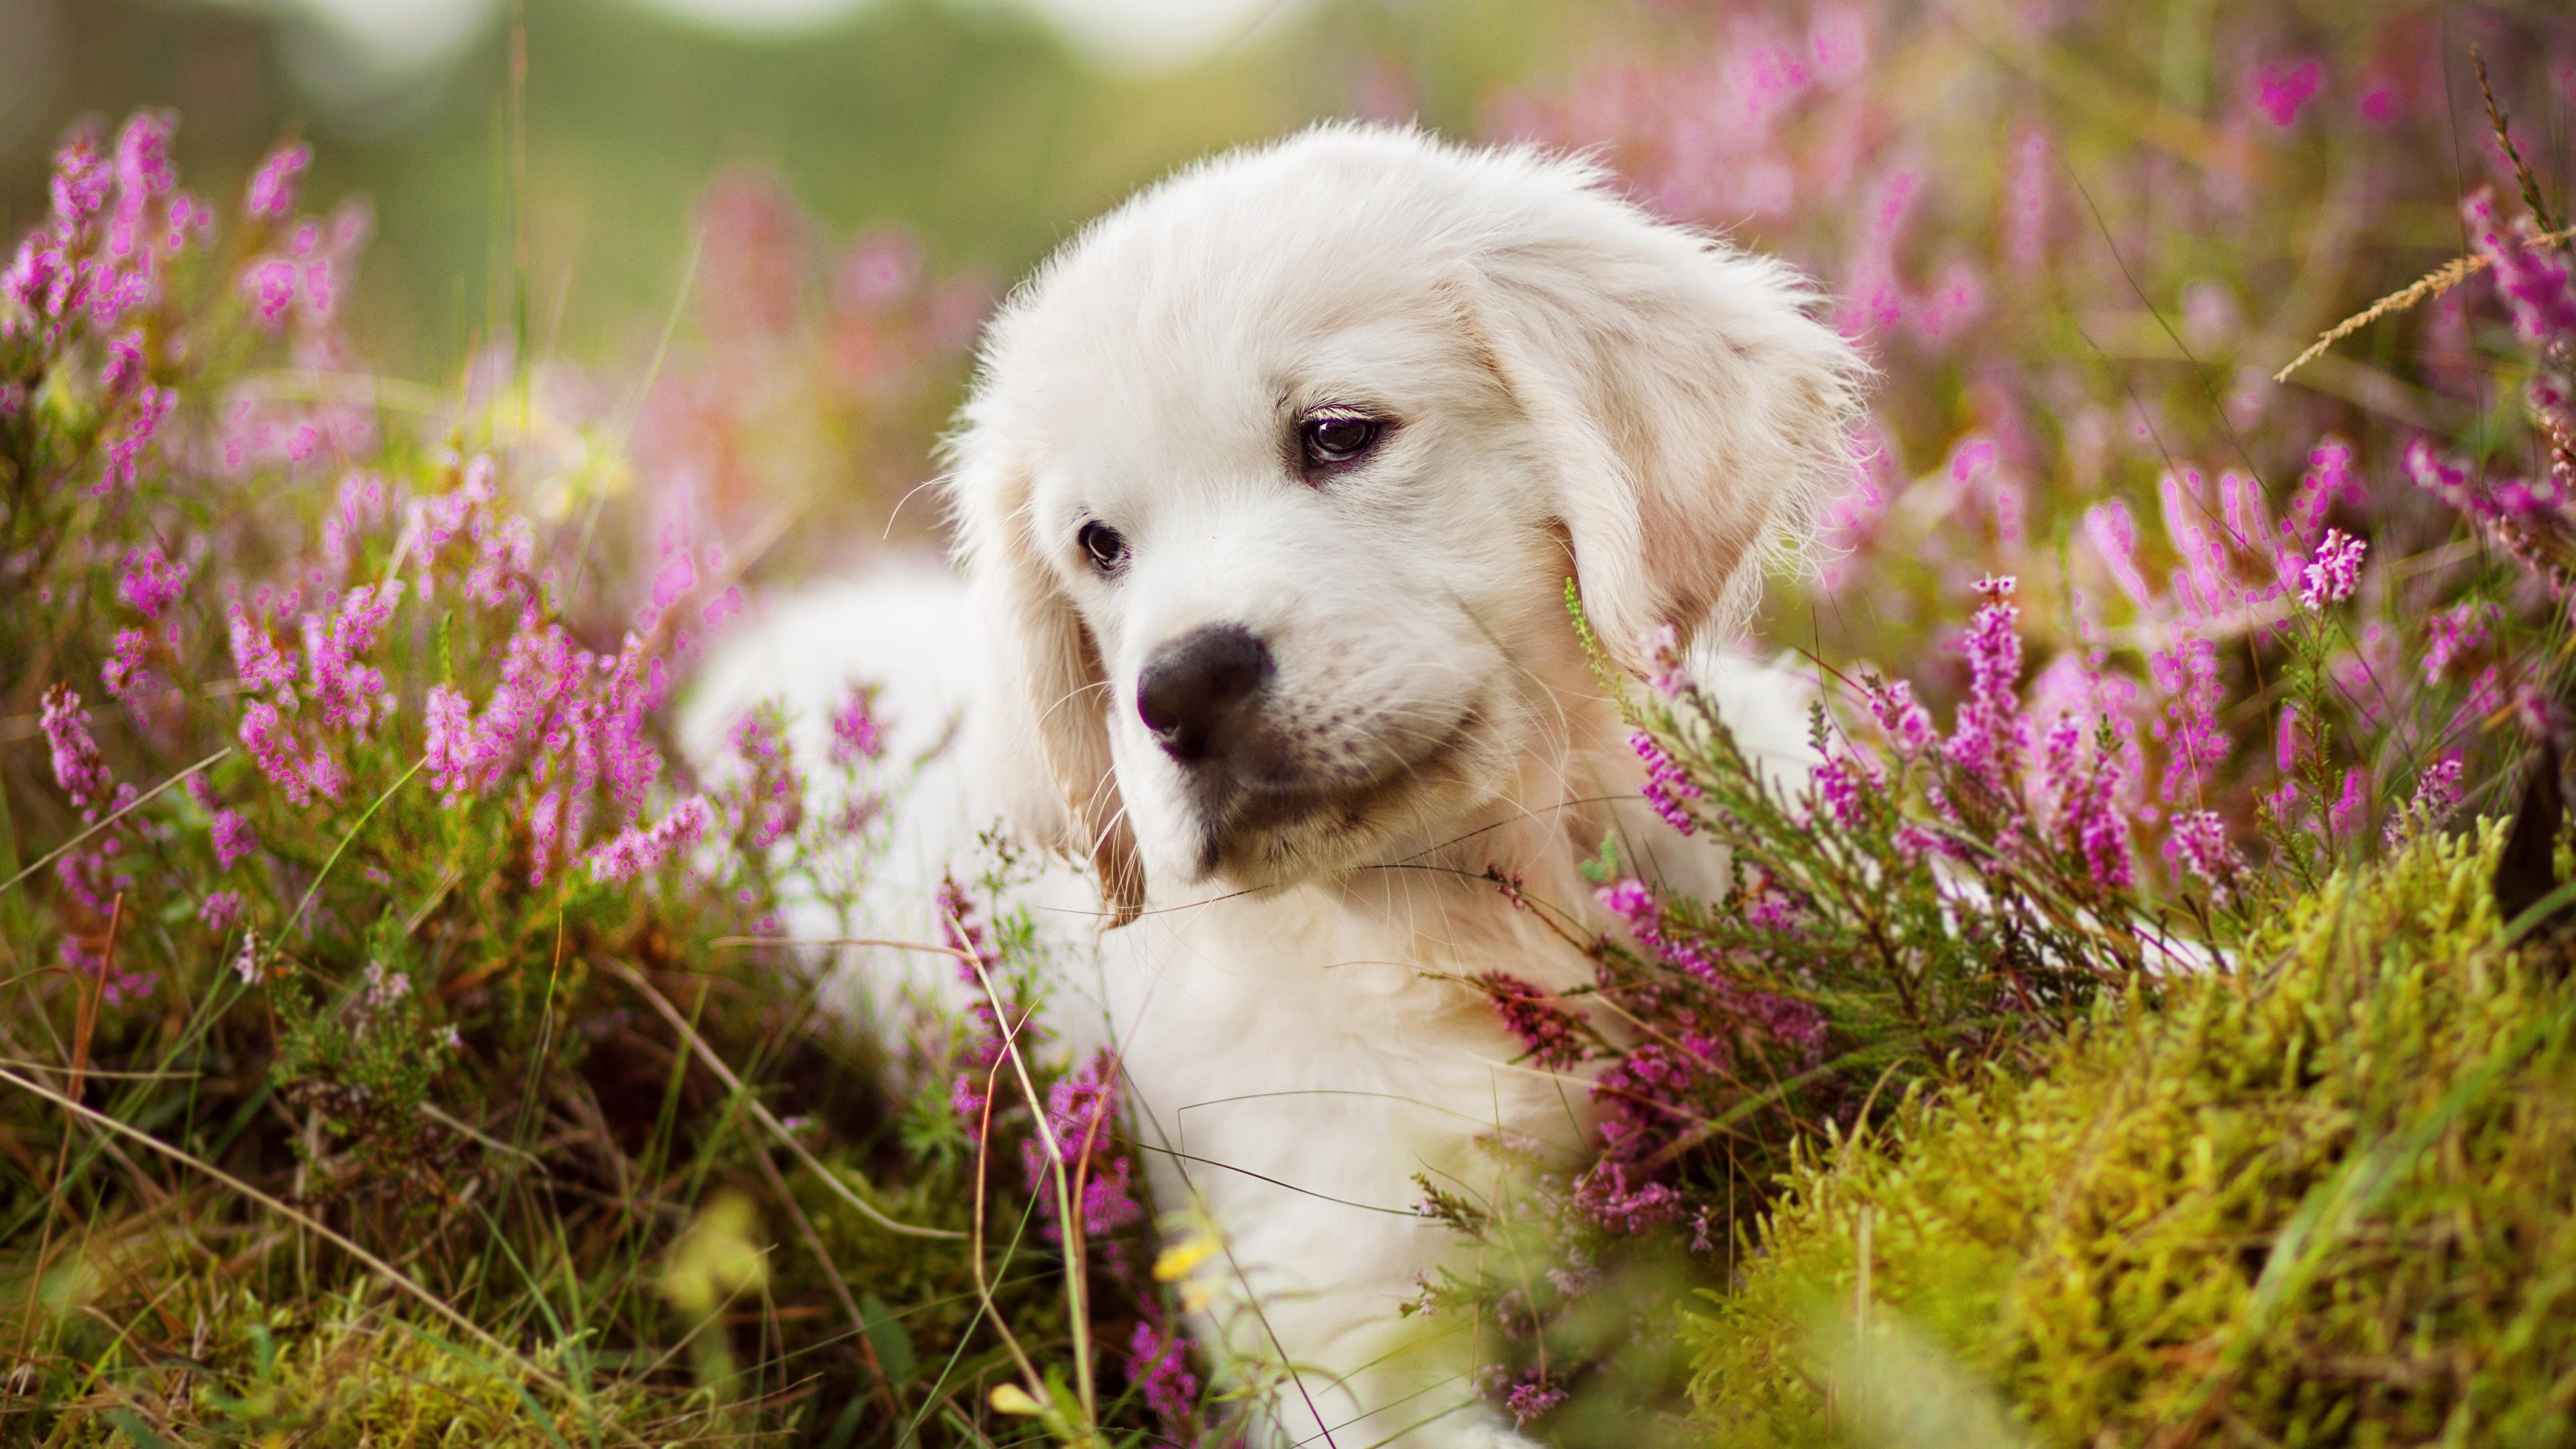 Photo Puppy Golden Retriever Dog Grass Animals 3840x2160